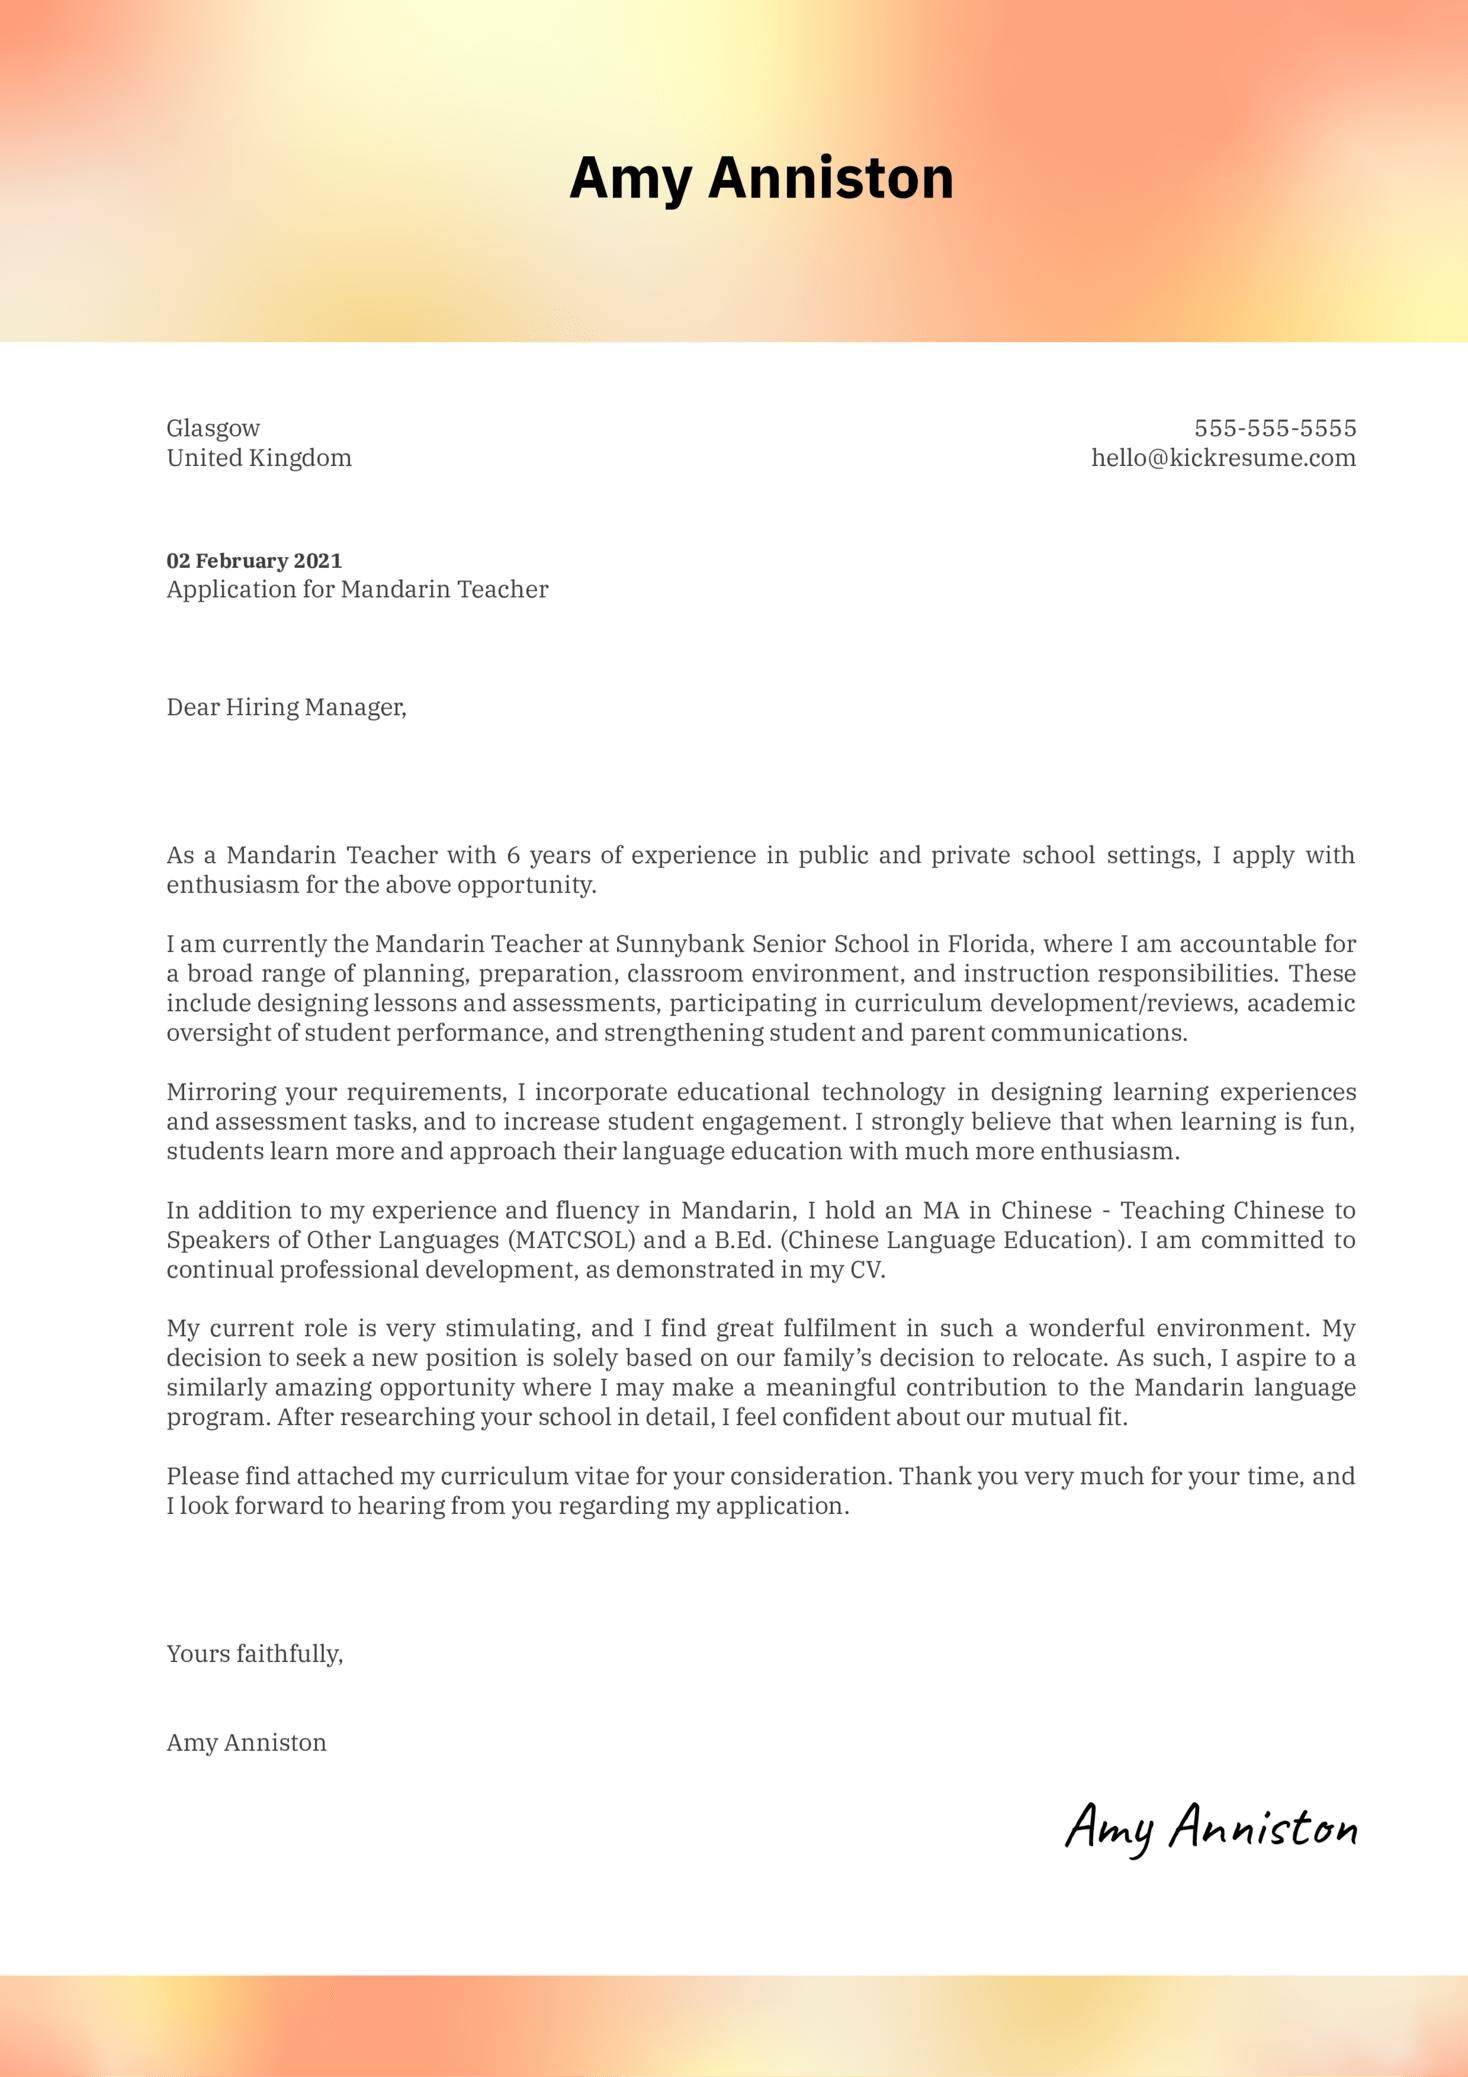 Mandarin Teacher Cover Letter Template